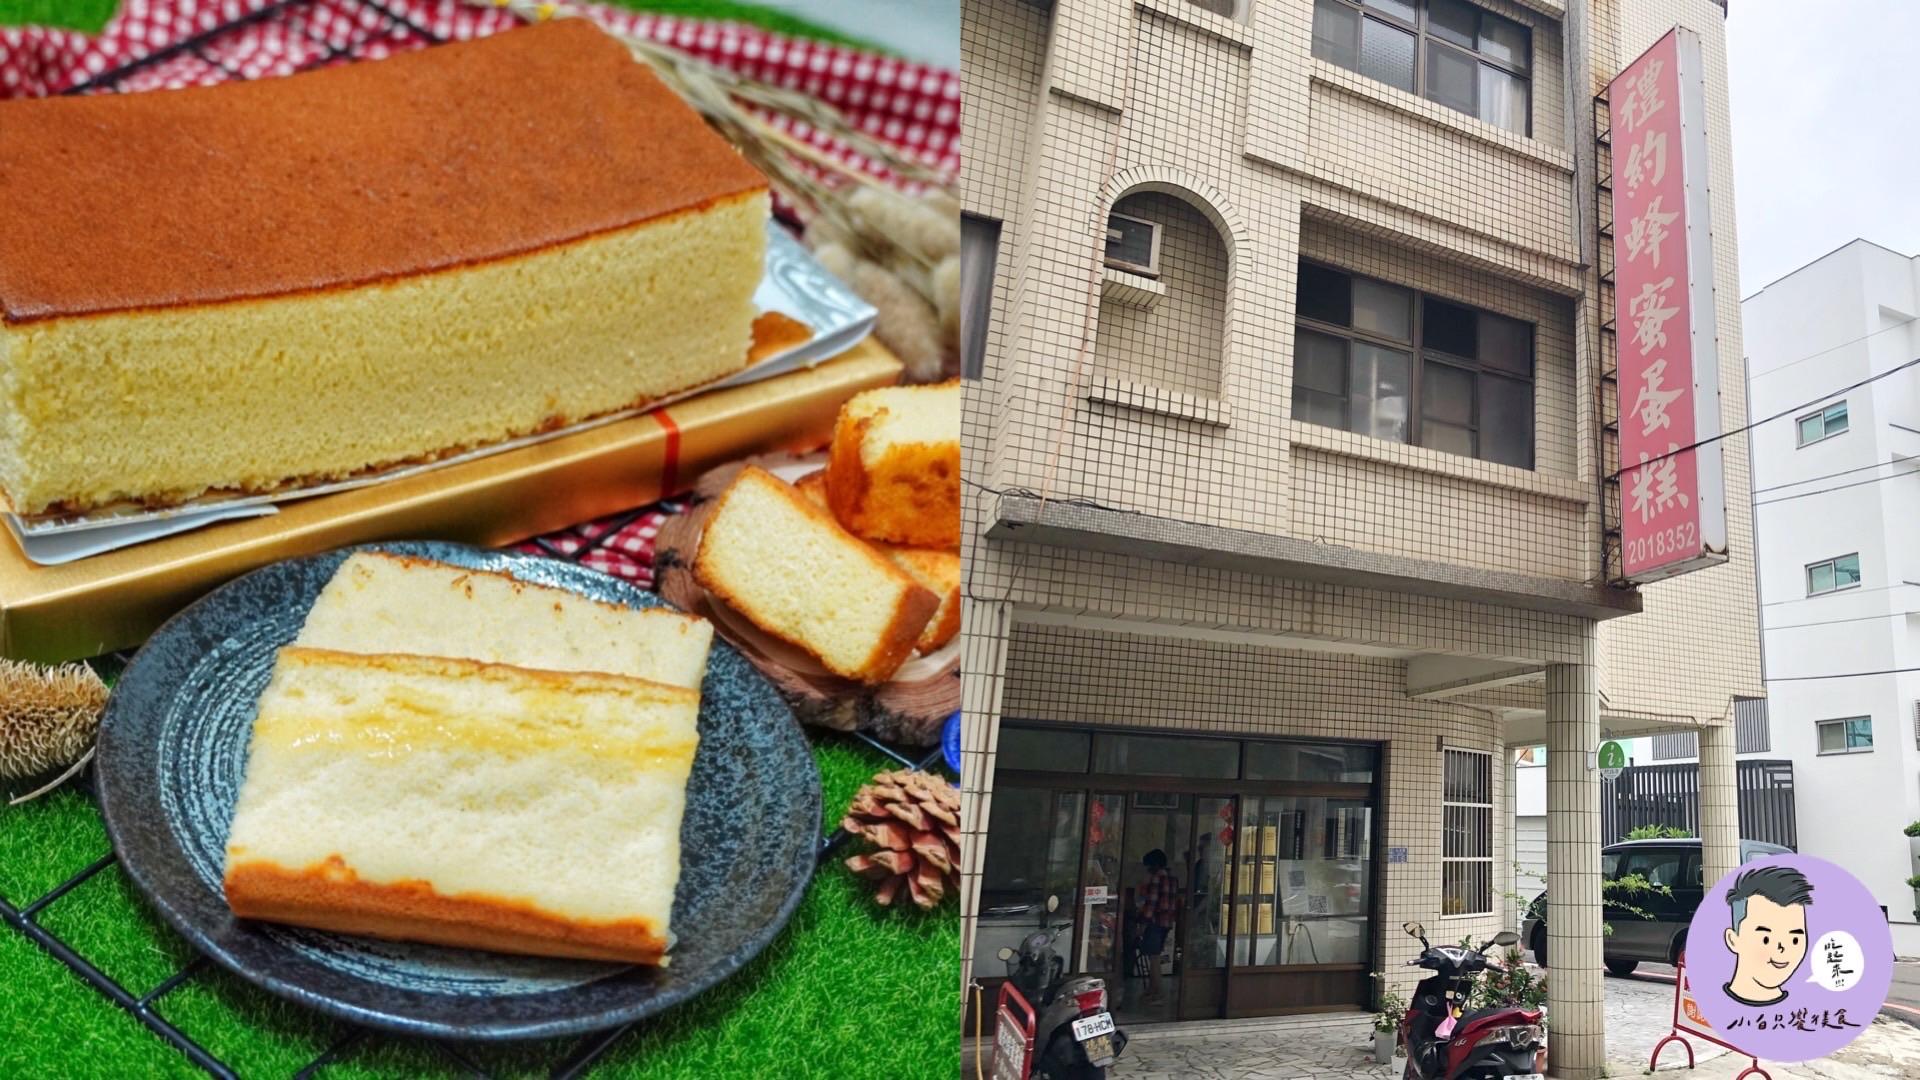 【台南美食】禮約蜂蜜蛋糕 隱藏巷弄中的神秘蜂蜜蛋糕!開業26年連在地人都不一定知道